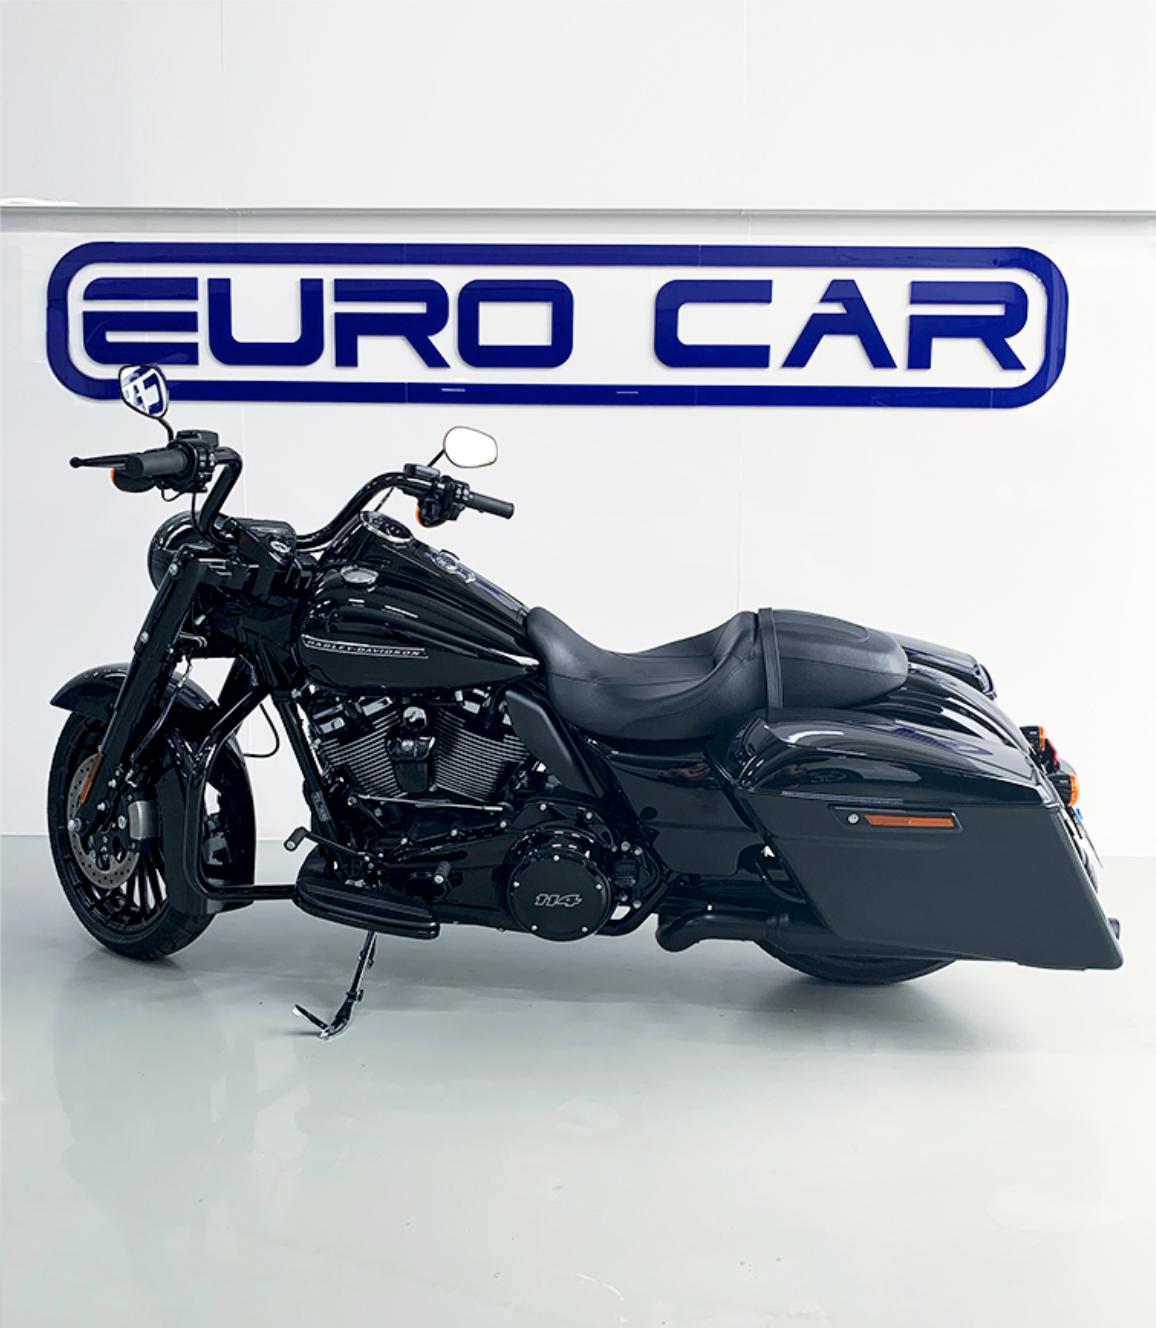 Harley Davidson - Ceramic Pro